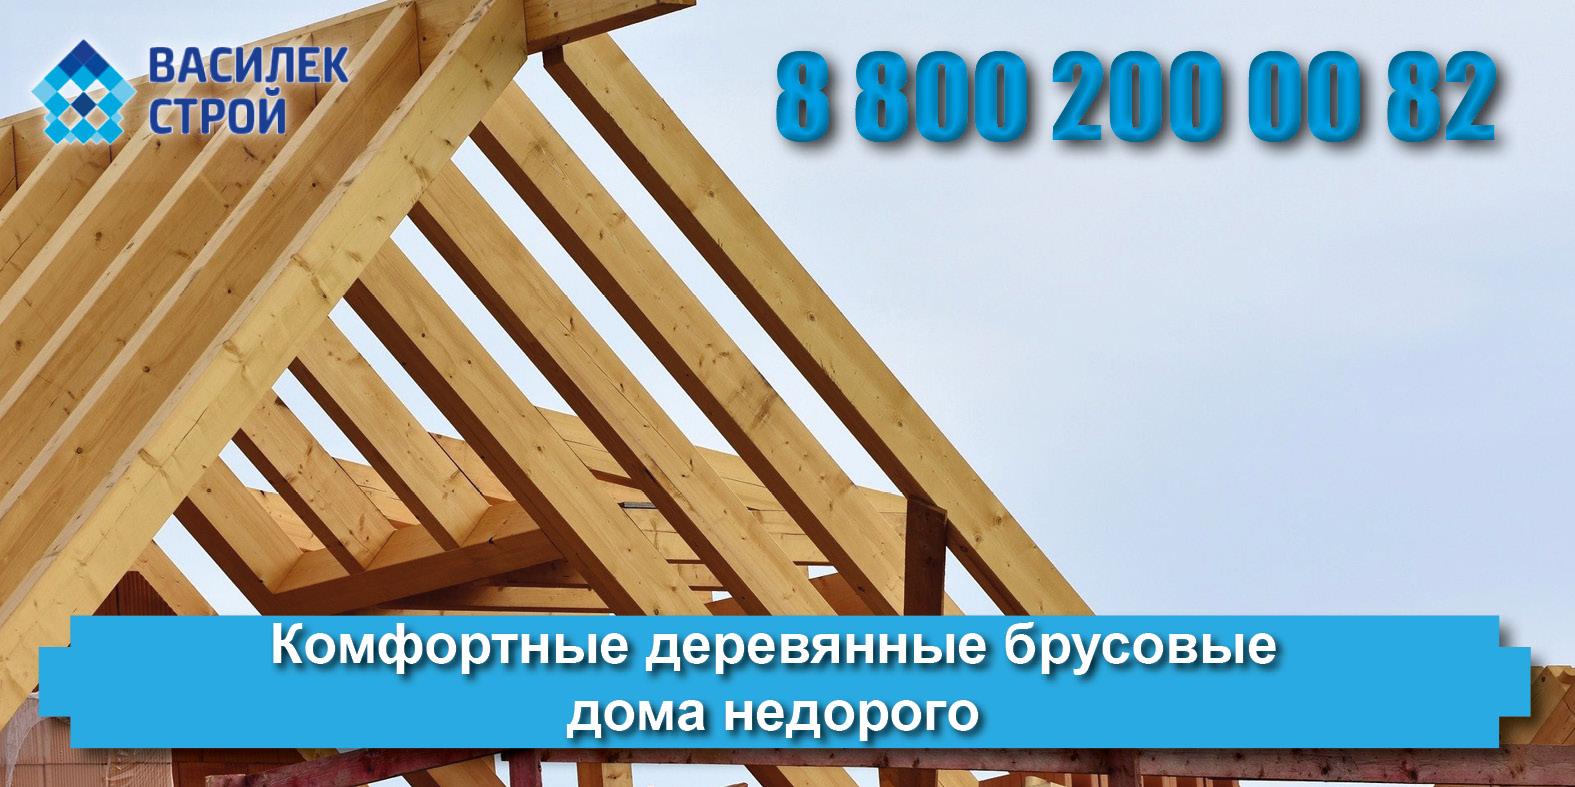 Деревянные брусовые дома двухэтажные и лучшие проекты брусовых домов бесплатно для каждого клиента нашей компании